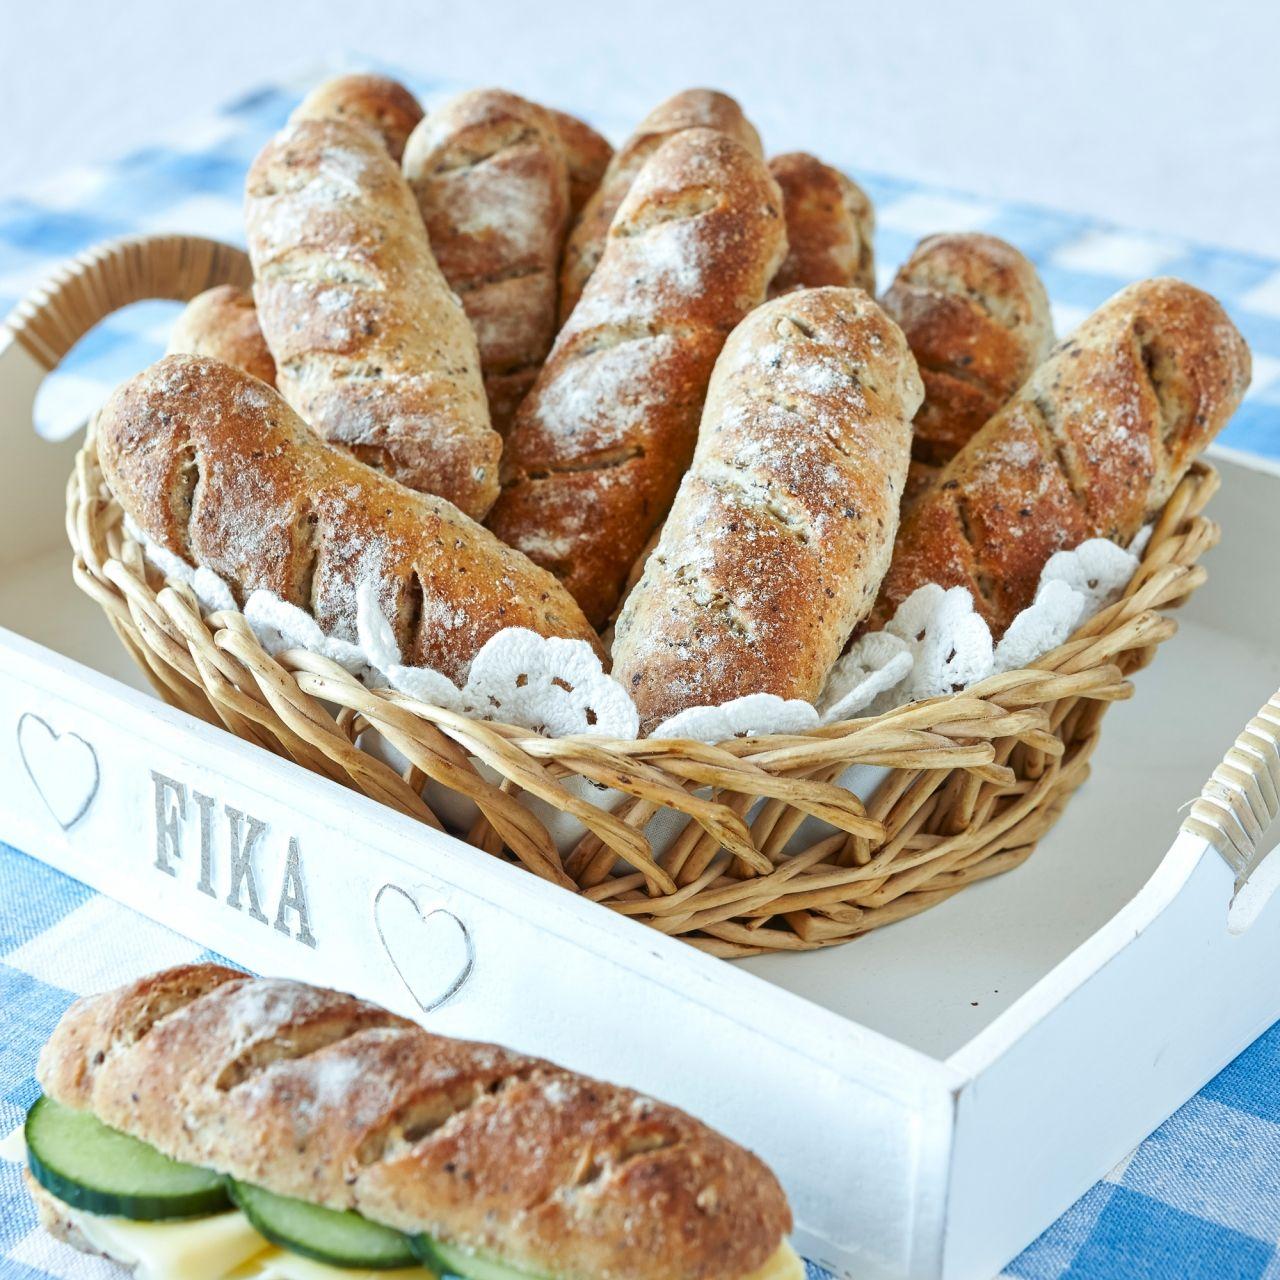 kalljästa baguetter frallor eller bröd recept